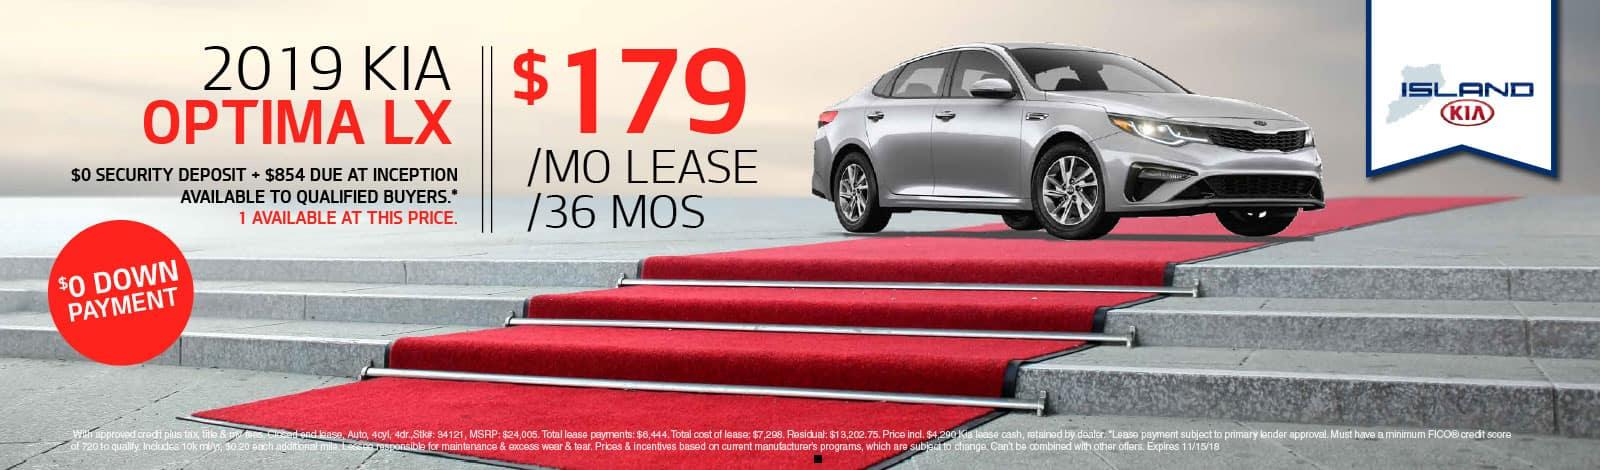 kia optima lease special